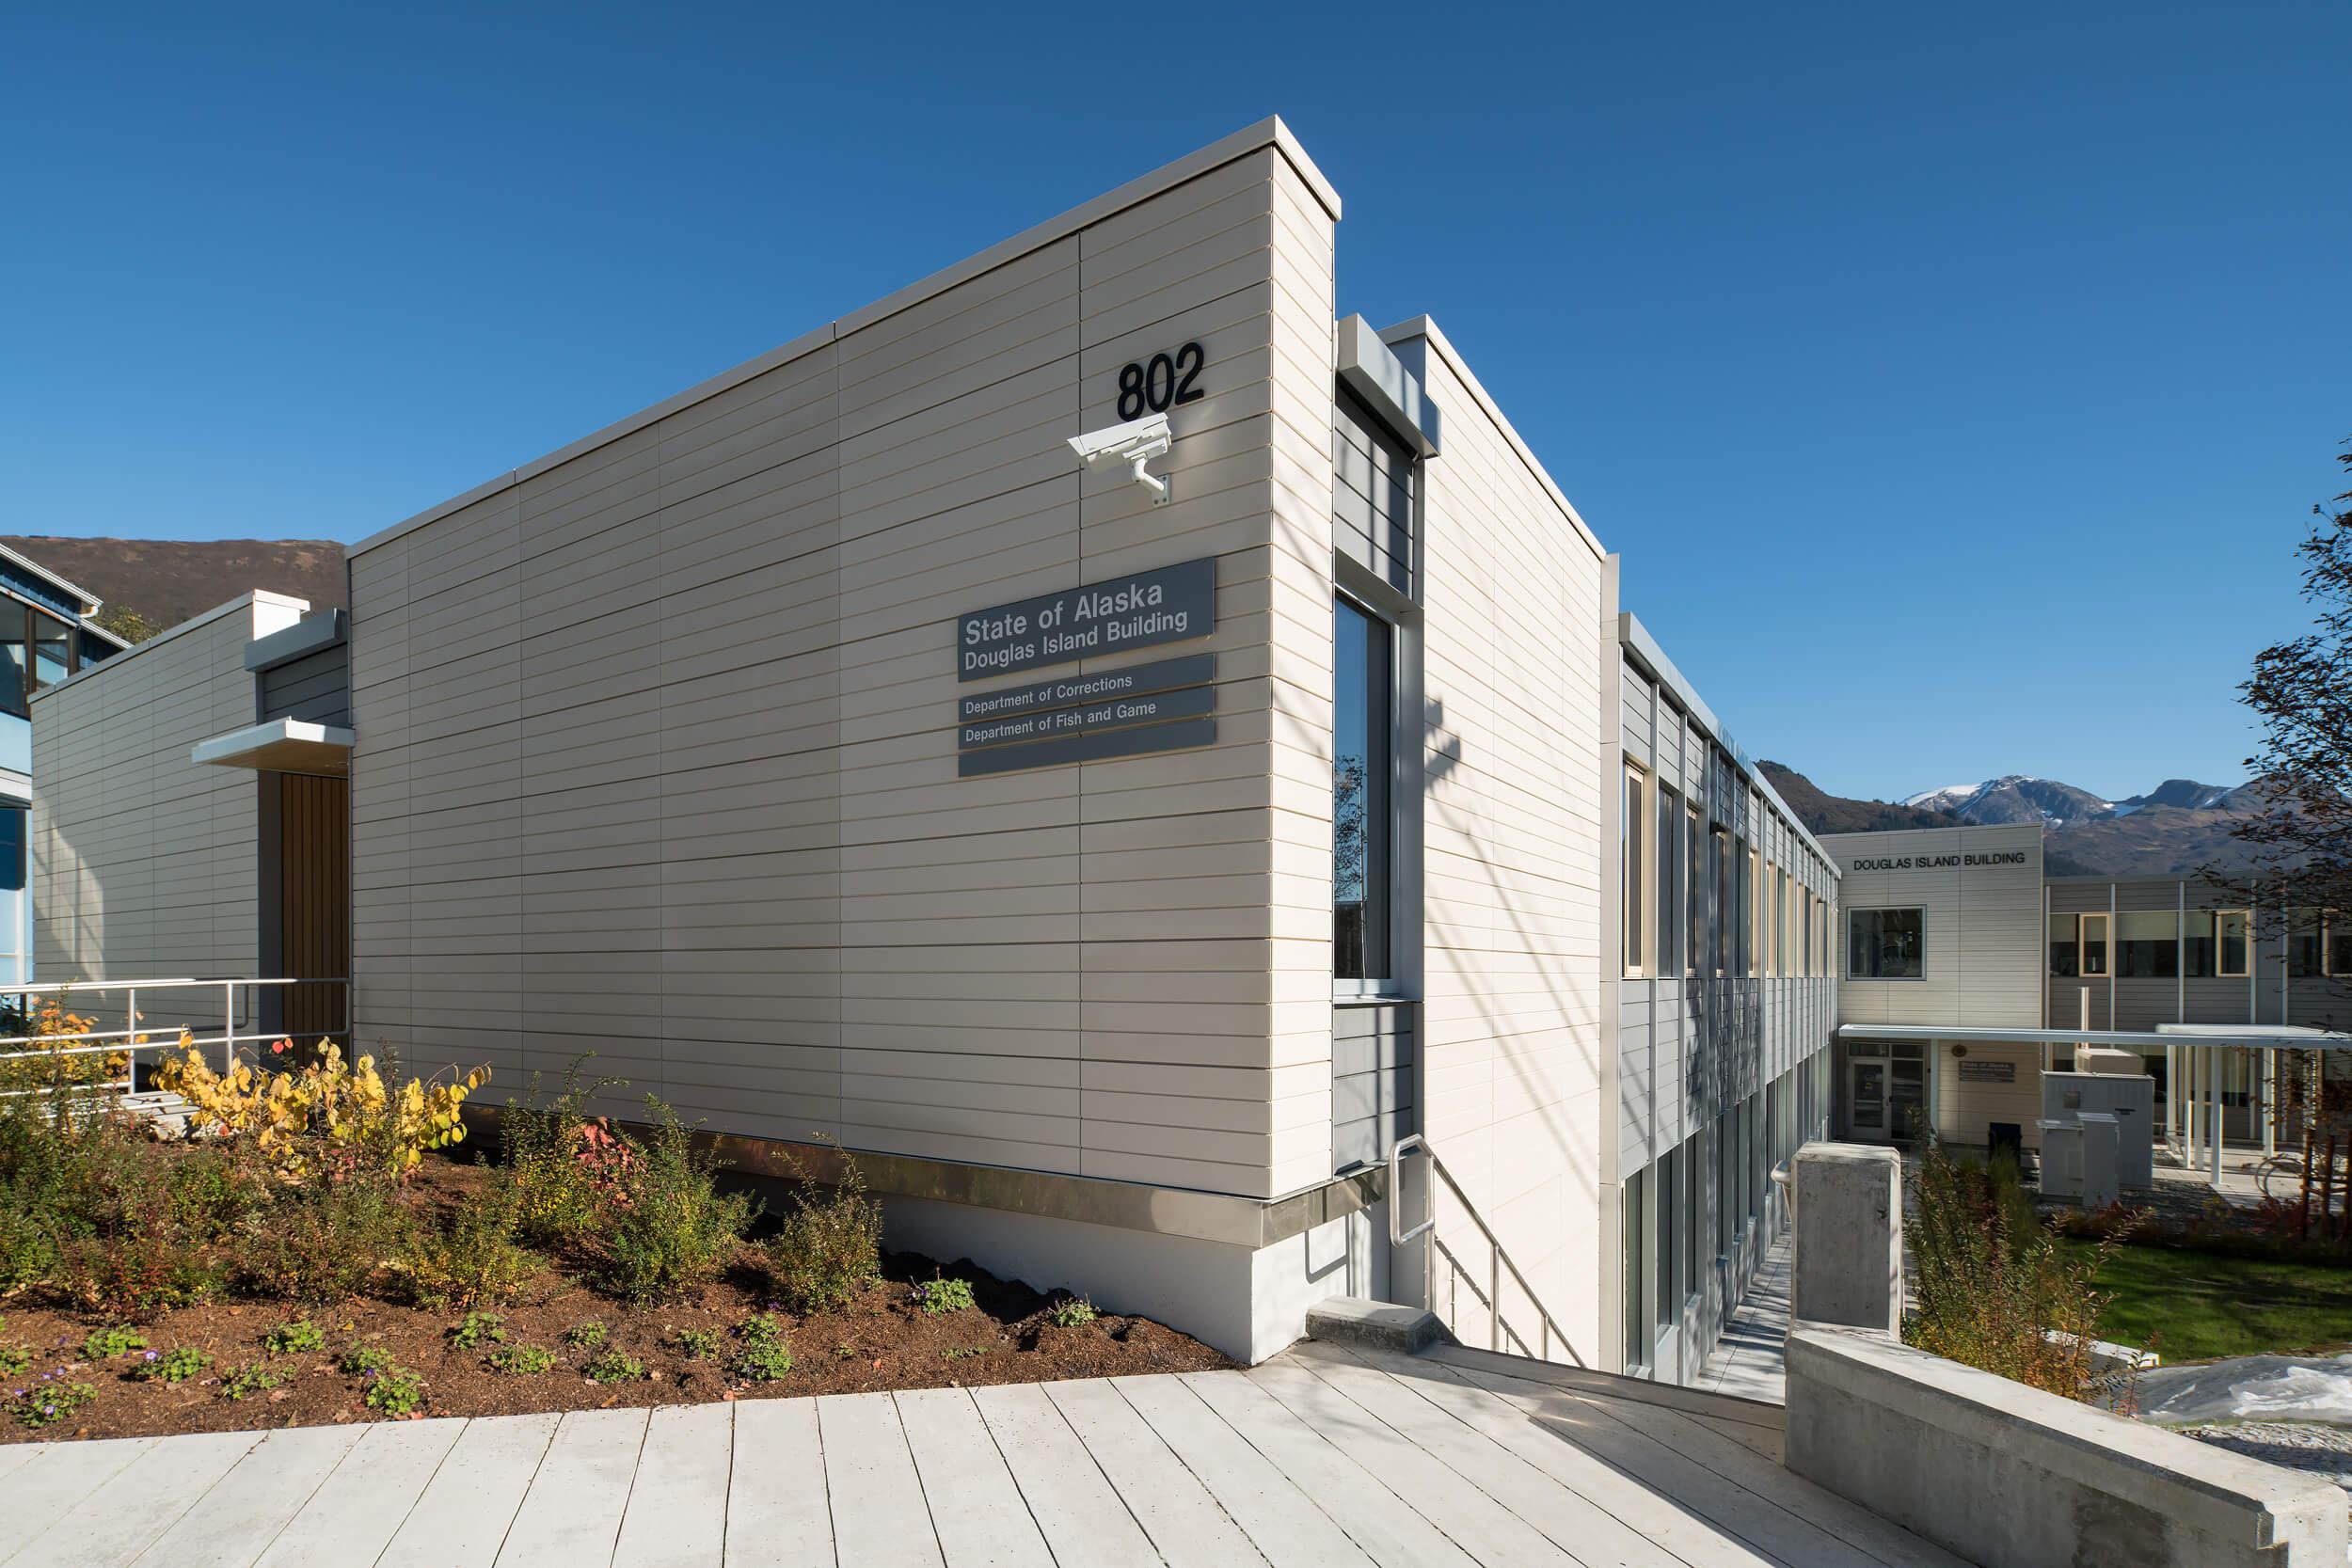 Expand Douglas Island Building Renovation Exterior